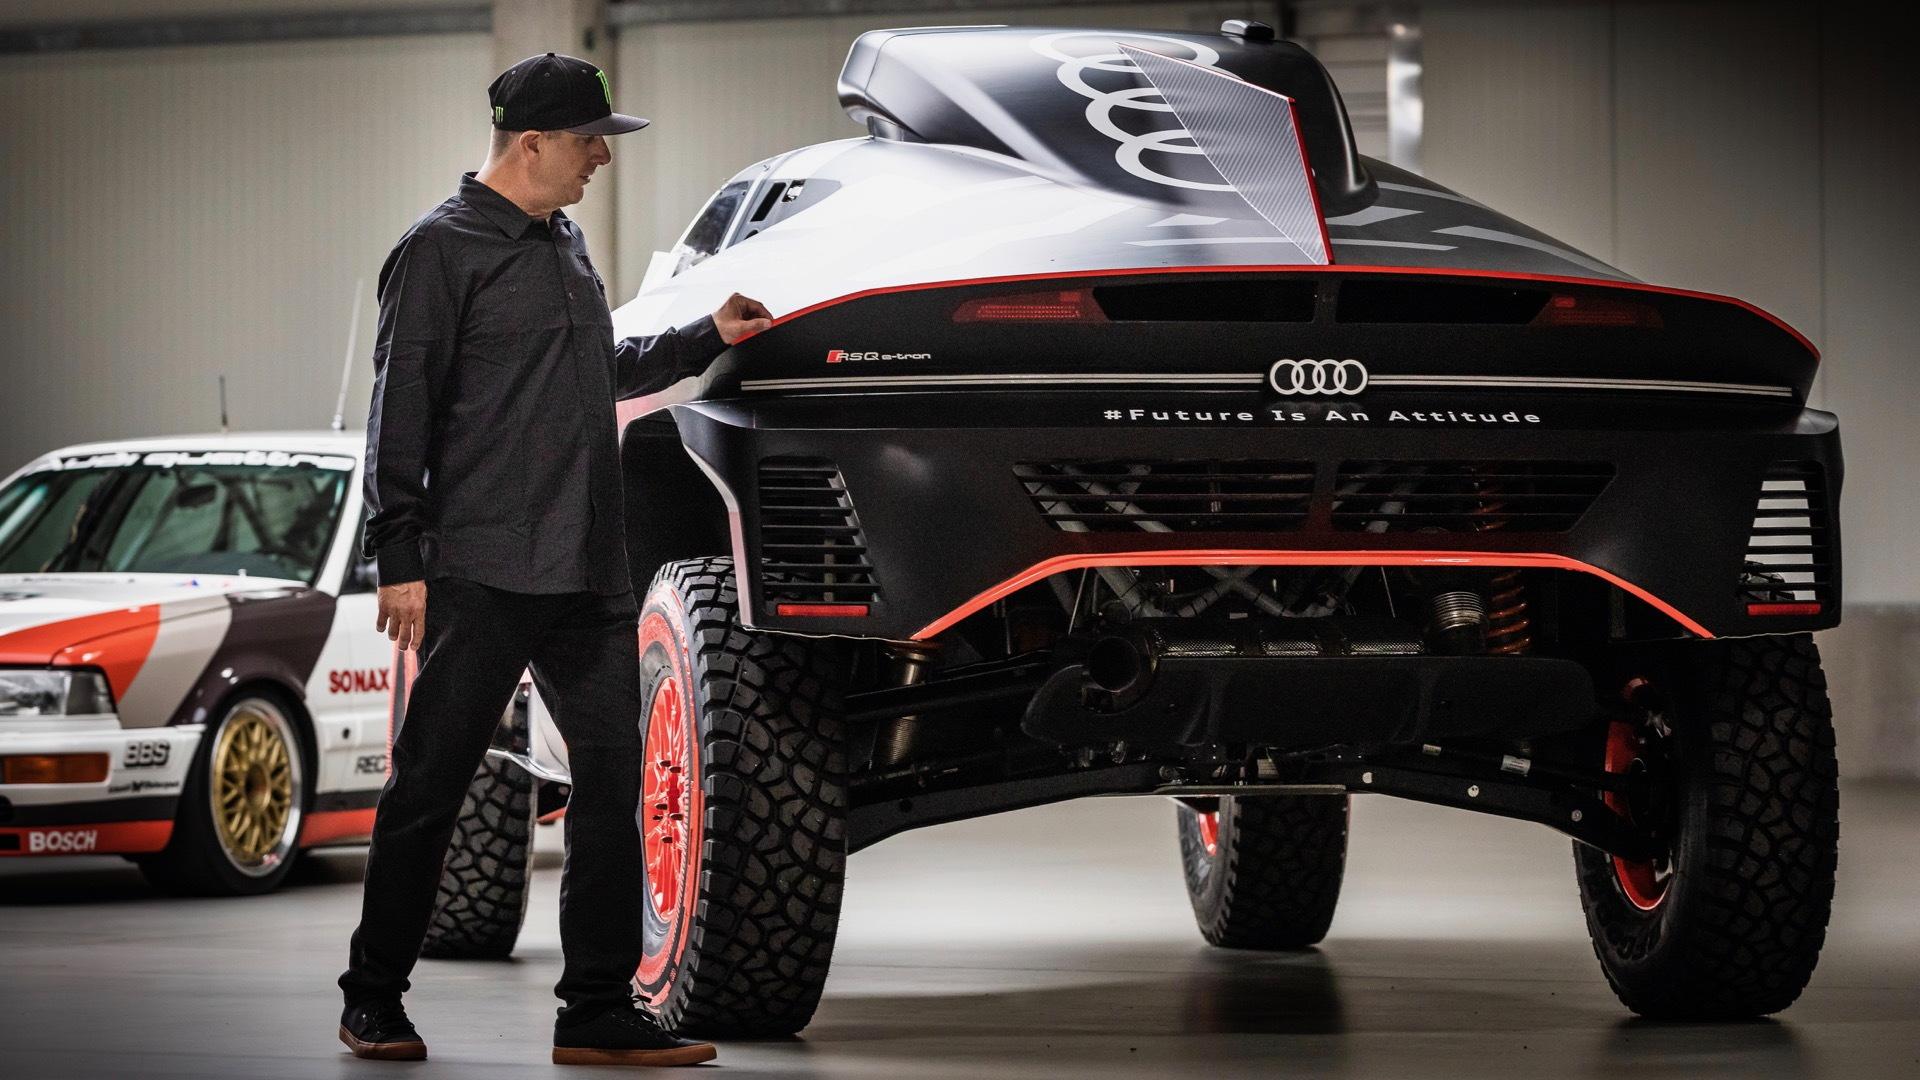 Ken Block and Audi